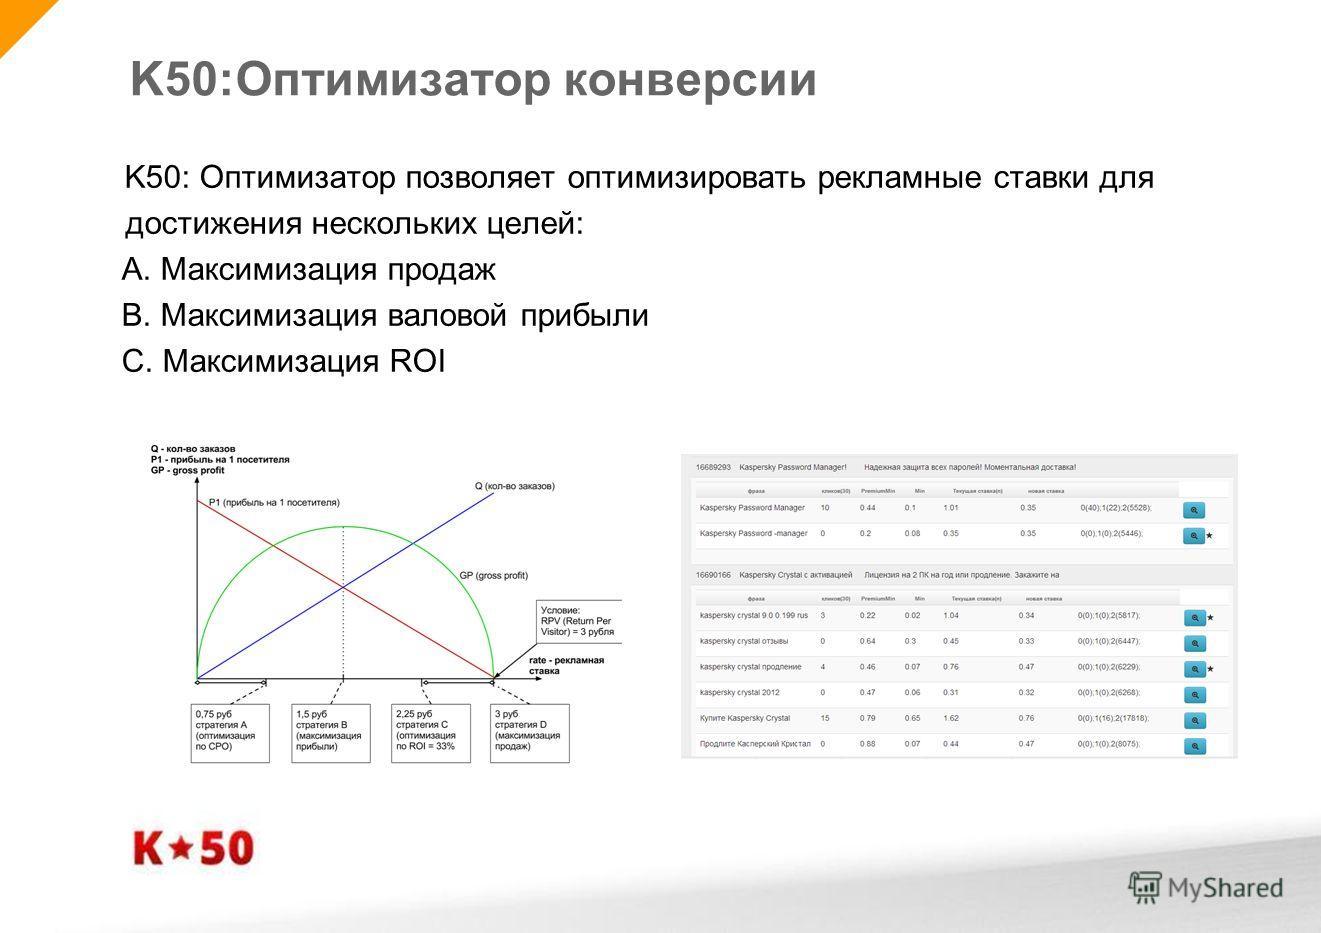 K50:Оптимизатор конверсии K50: Оптимизатор позволяет оптимизировать рекламные ставки для достижения нескольких целей: A. Максимизация продаж B. Максимизация валовой прибыли C. Максимизация ROI